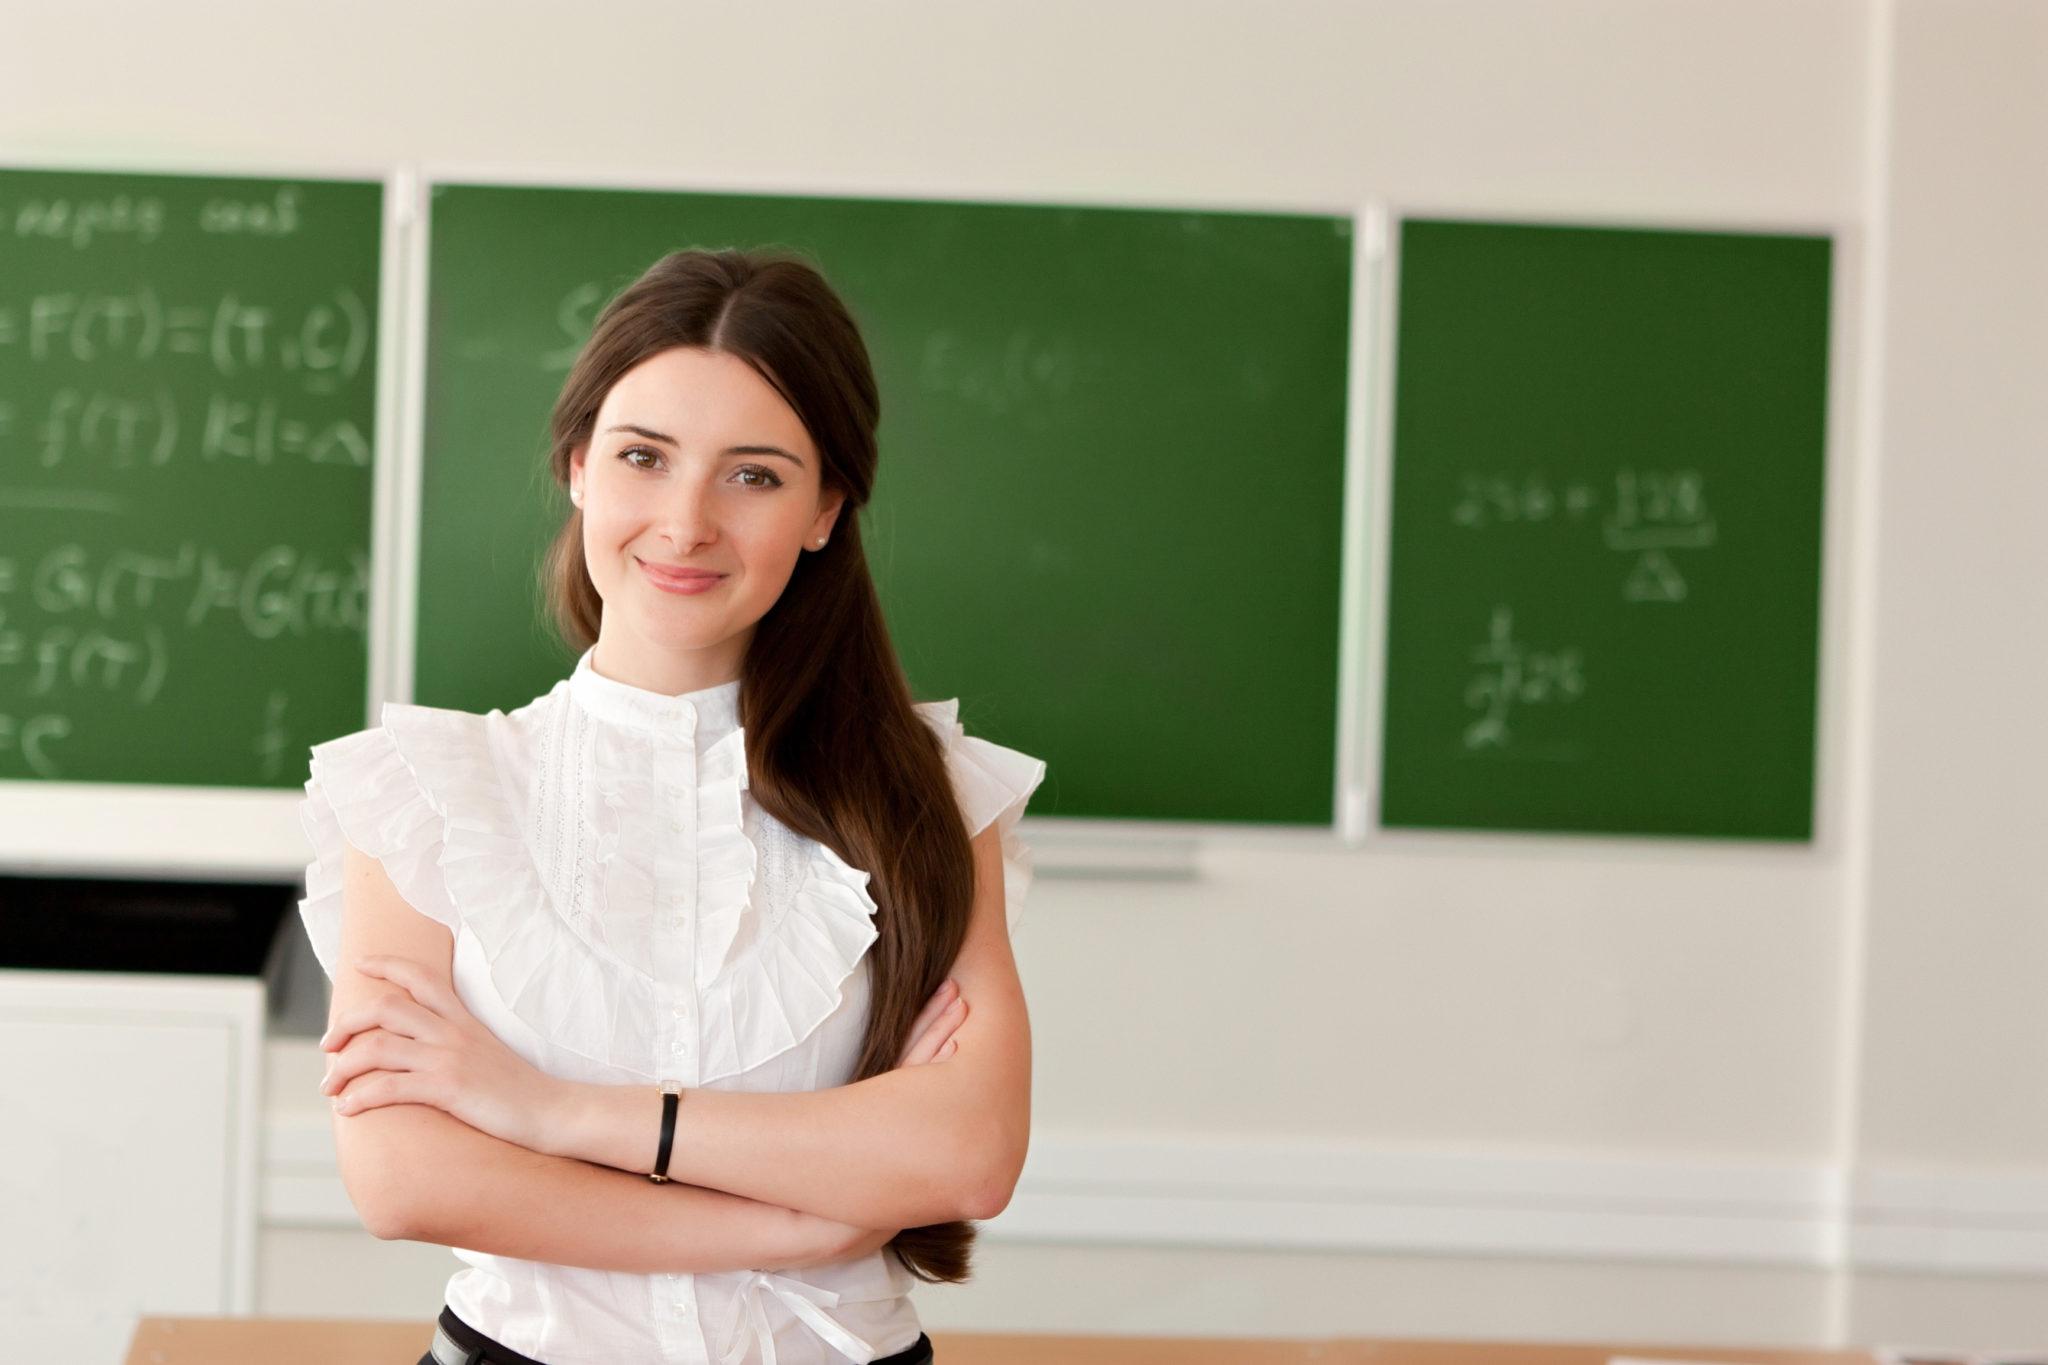 Nuevo Empleo para Profesor de Secundaria en Valencia, Trabajo de Profesor de Matemáticas. Nueva vacante docente . Trabaja en Colegios con CVExpres.